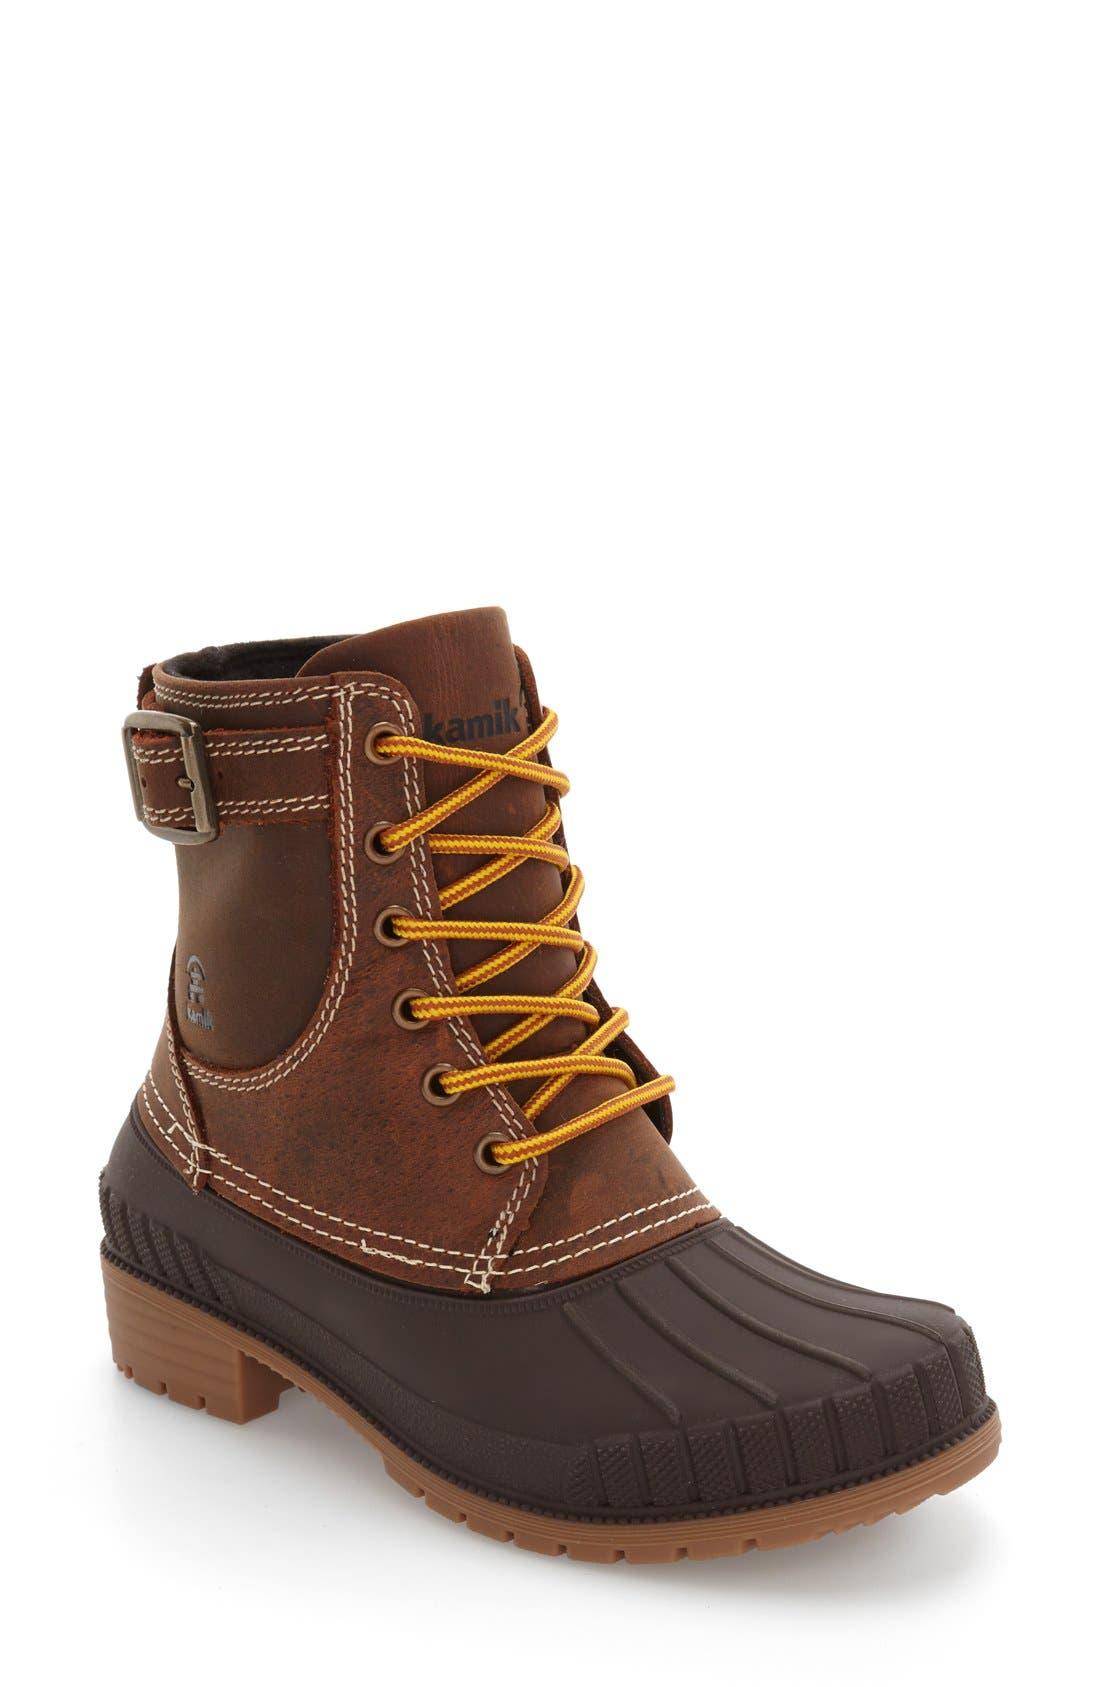 Alternate Image 1 Selected - Kamik Evelyn Waterproof Boot (Women)